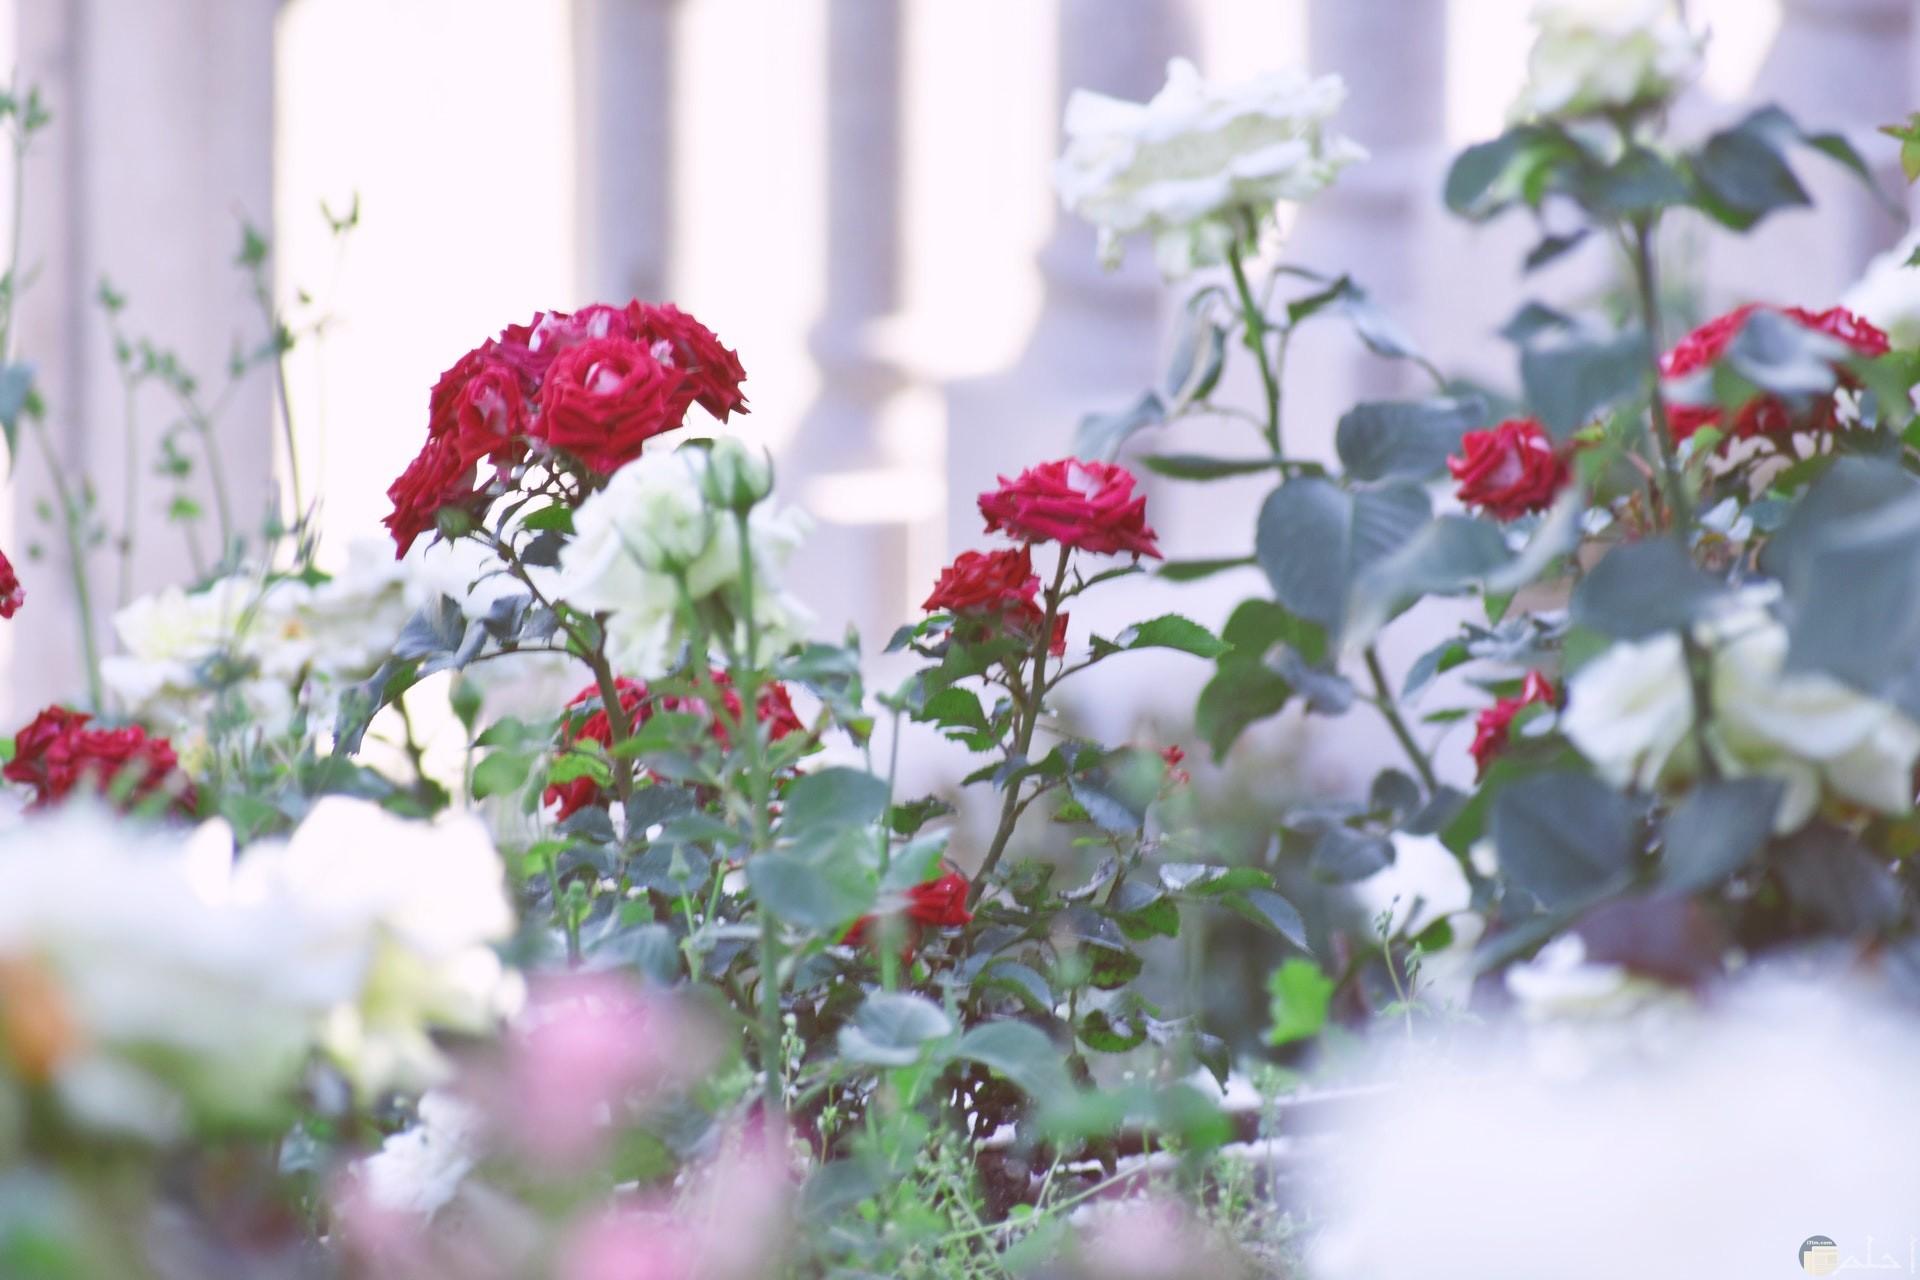 صورة جميلة لمجموعة ورد أبيض وأحمر في حديقة ورود